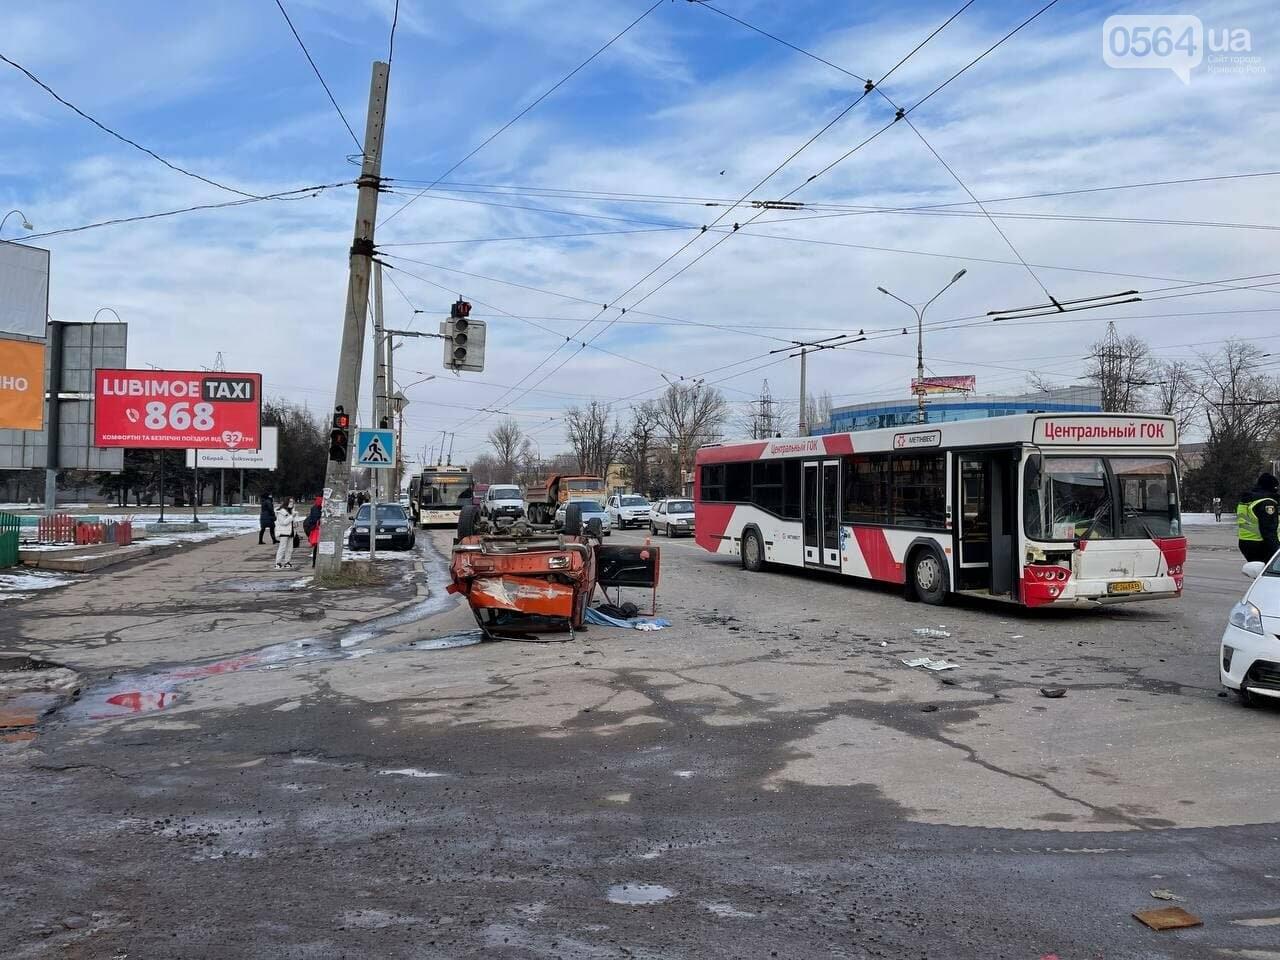 В Кривом Роге столкнулись автобус и легковой ВАЗ, машина перевернулась на крышу, - ФОТО, фото-7